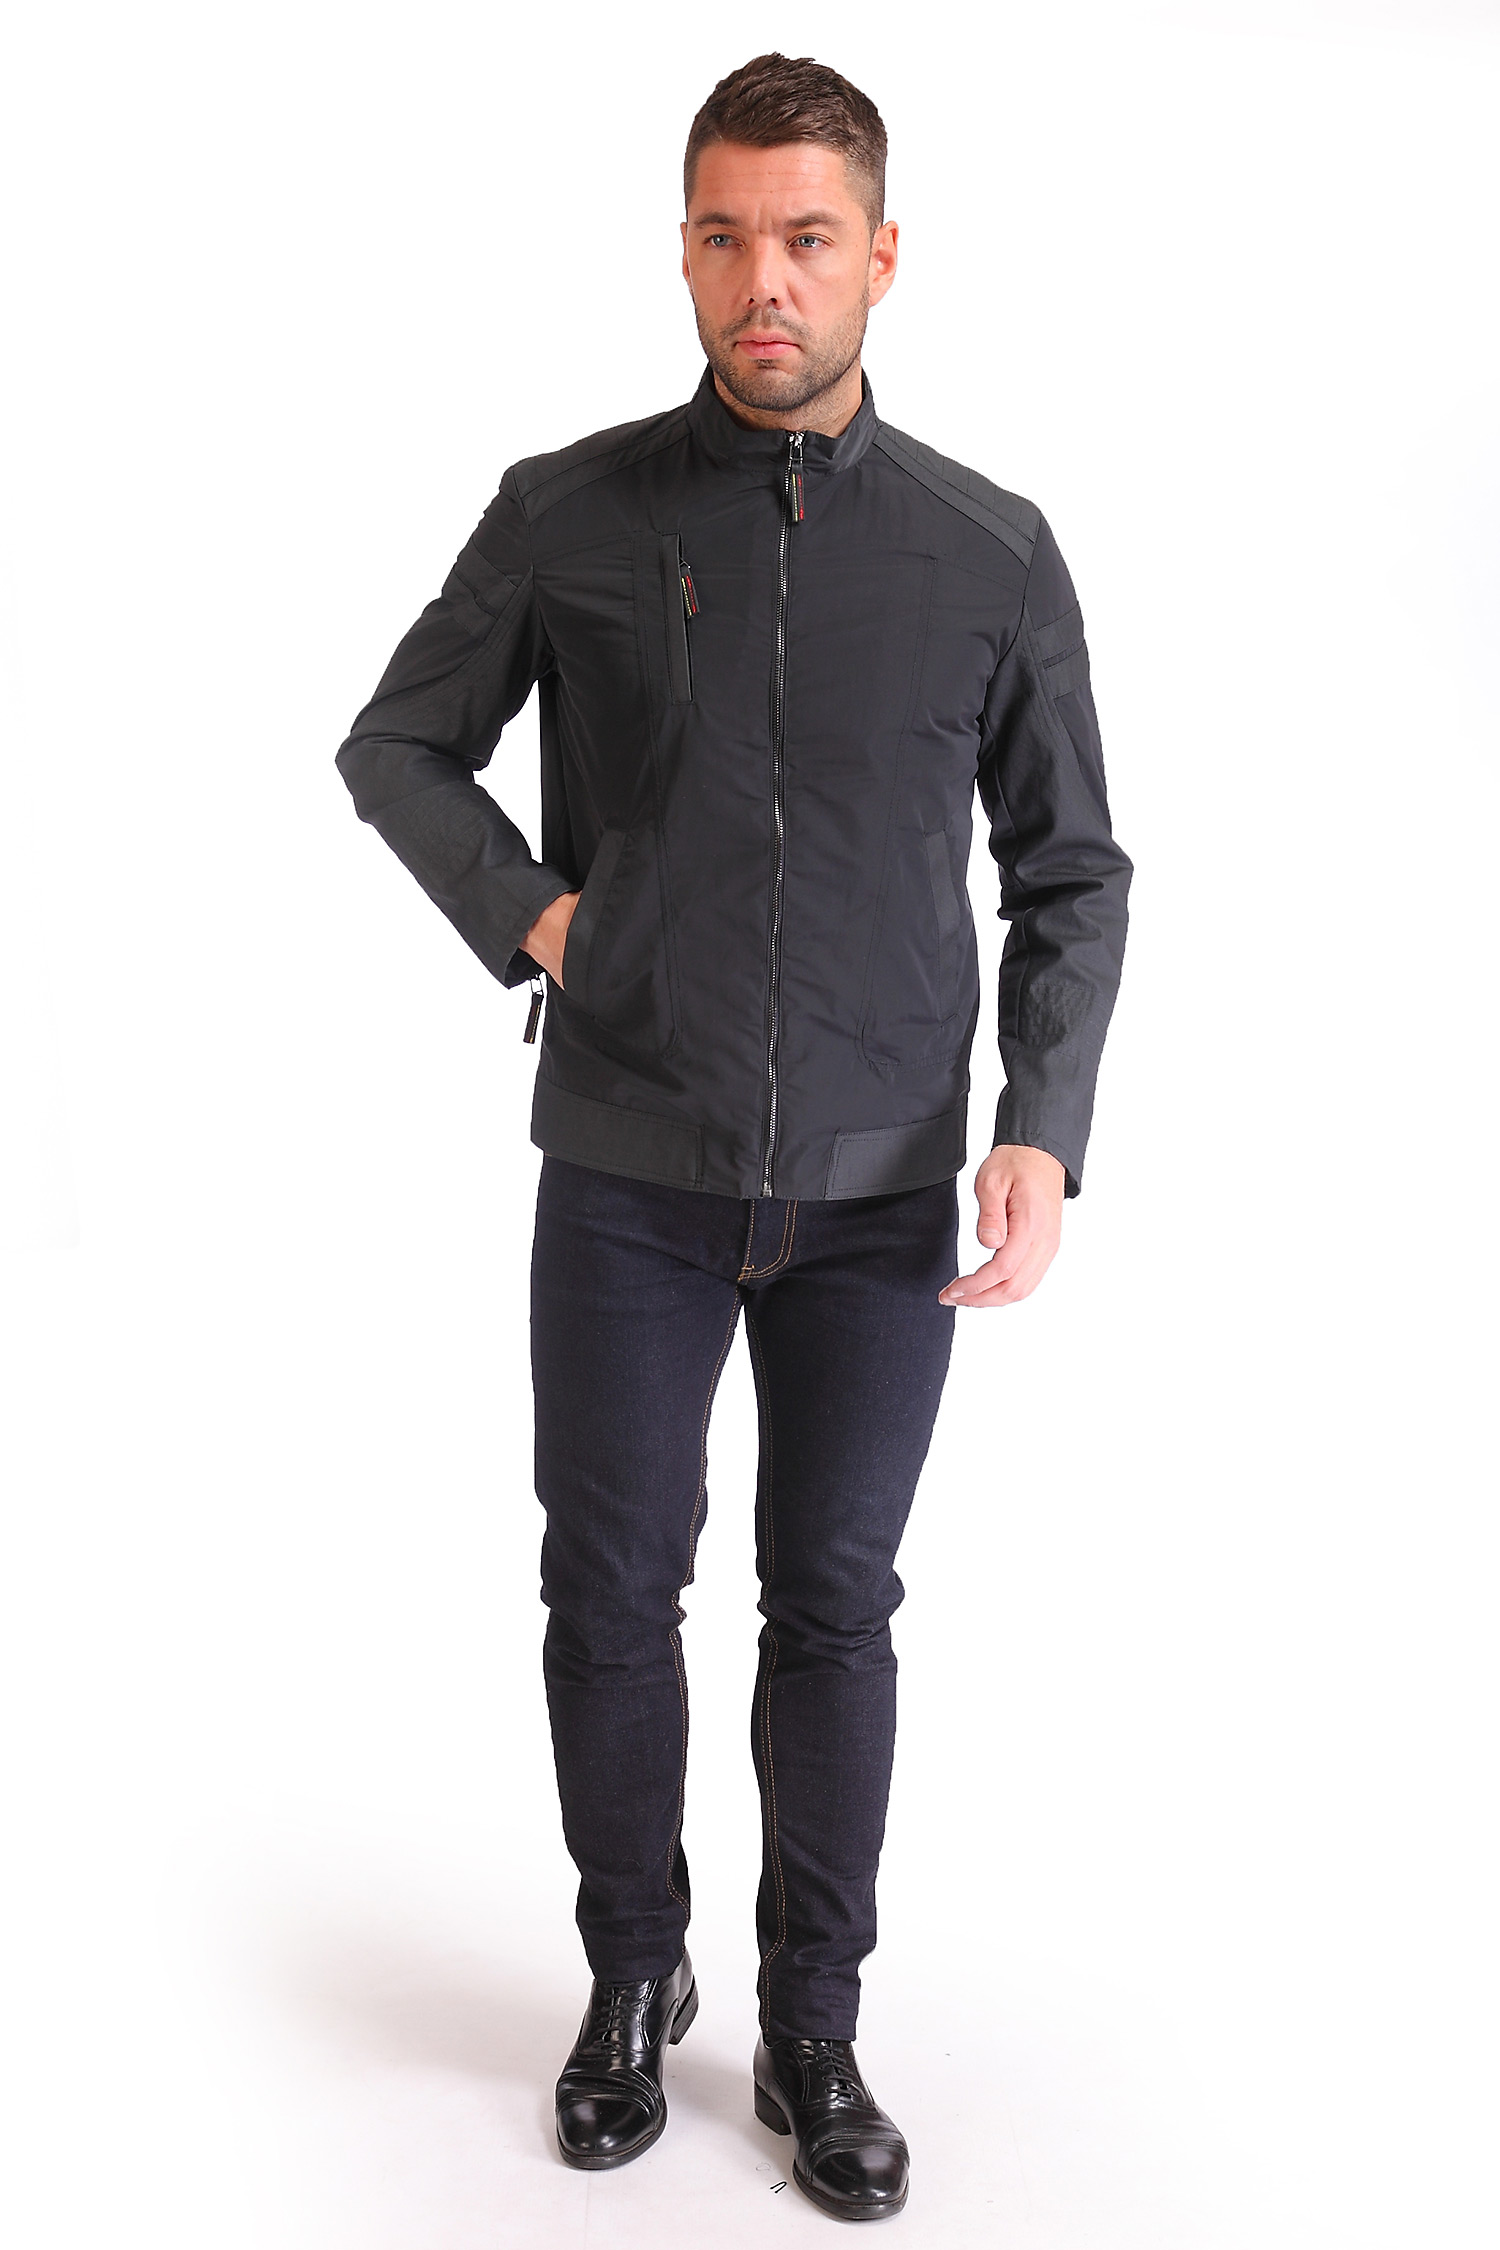 Фото 3 - Мужская куртка из текстиля с воротником от МОСМЕХА черного цвета